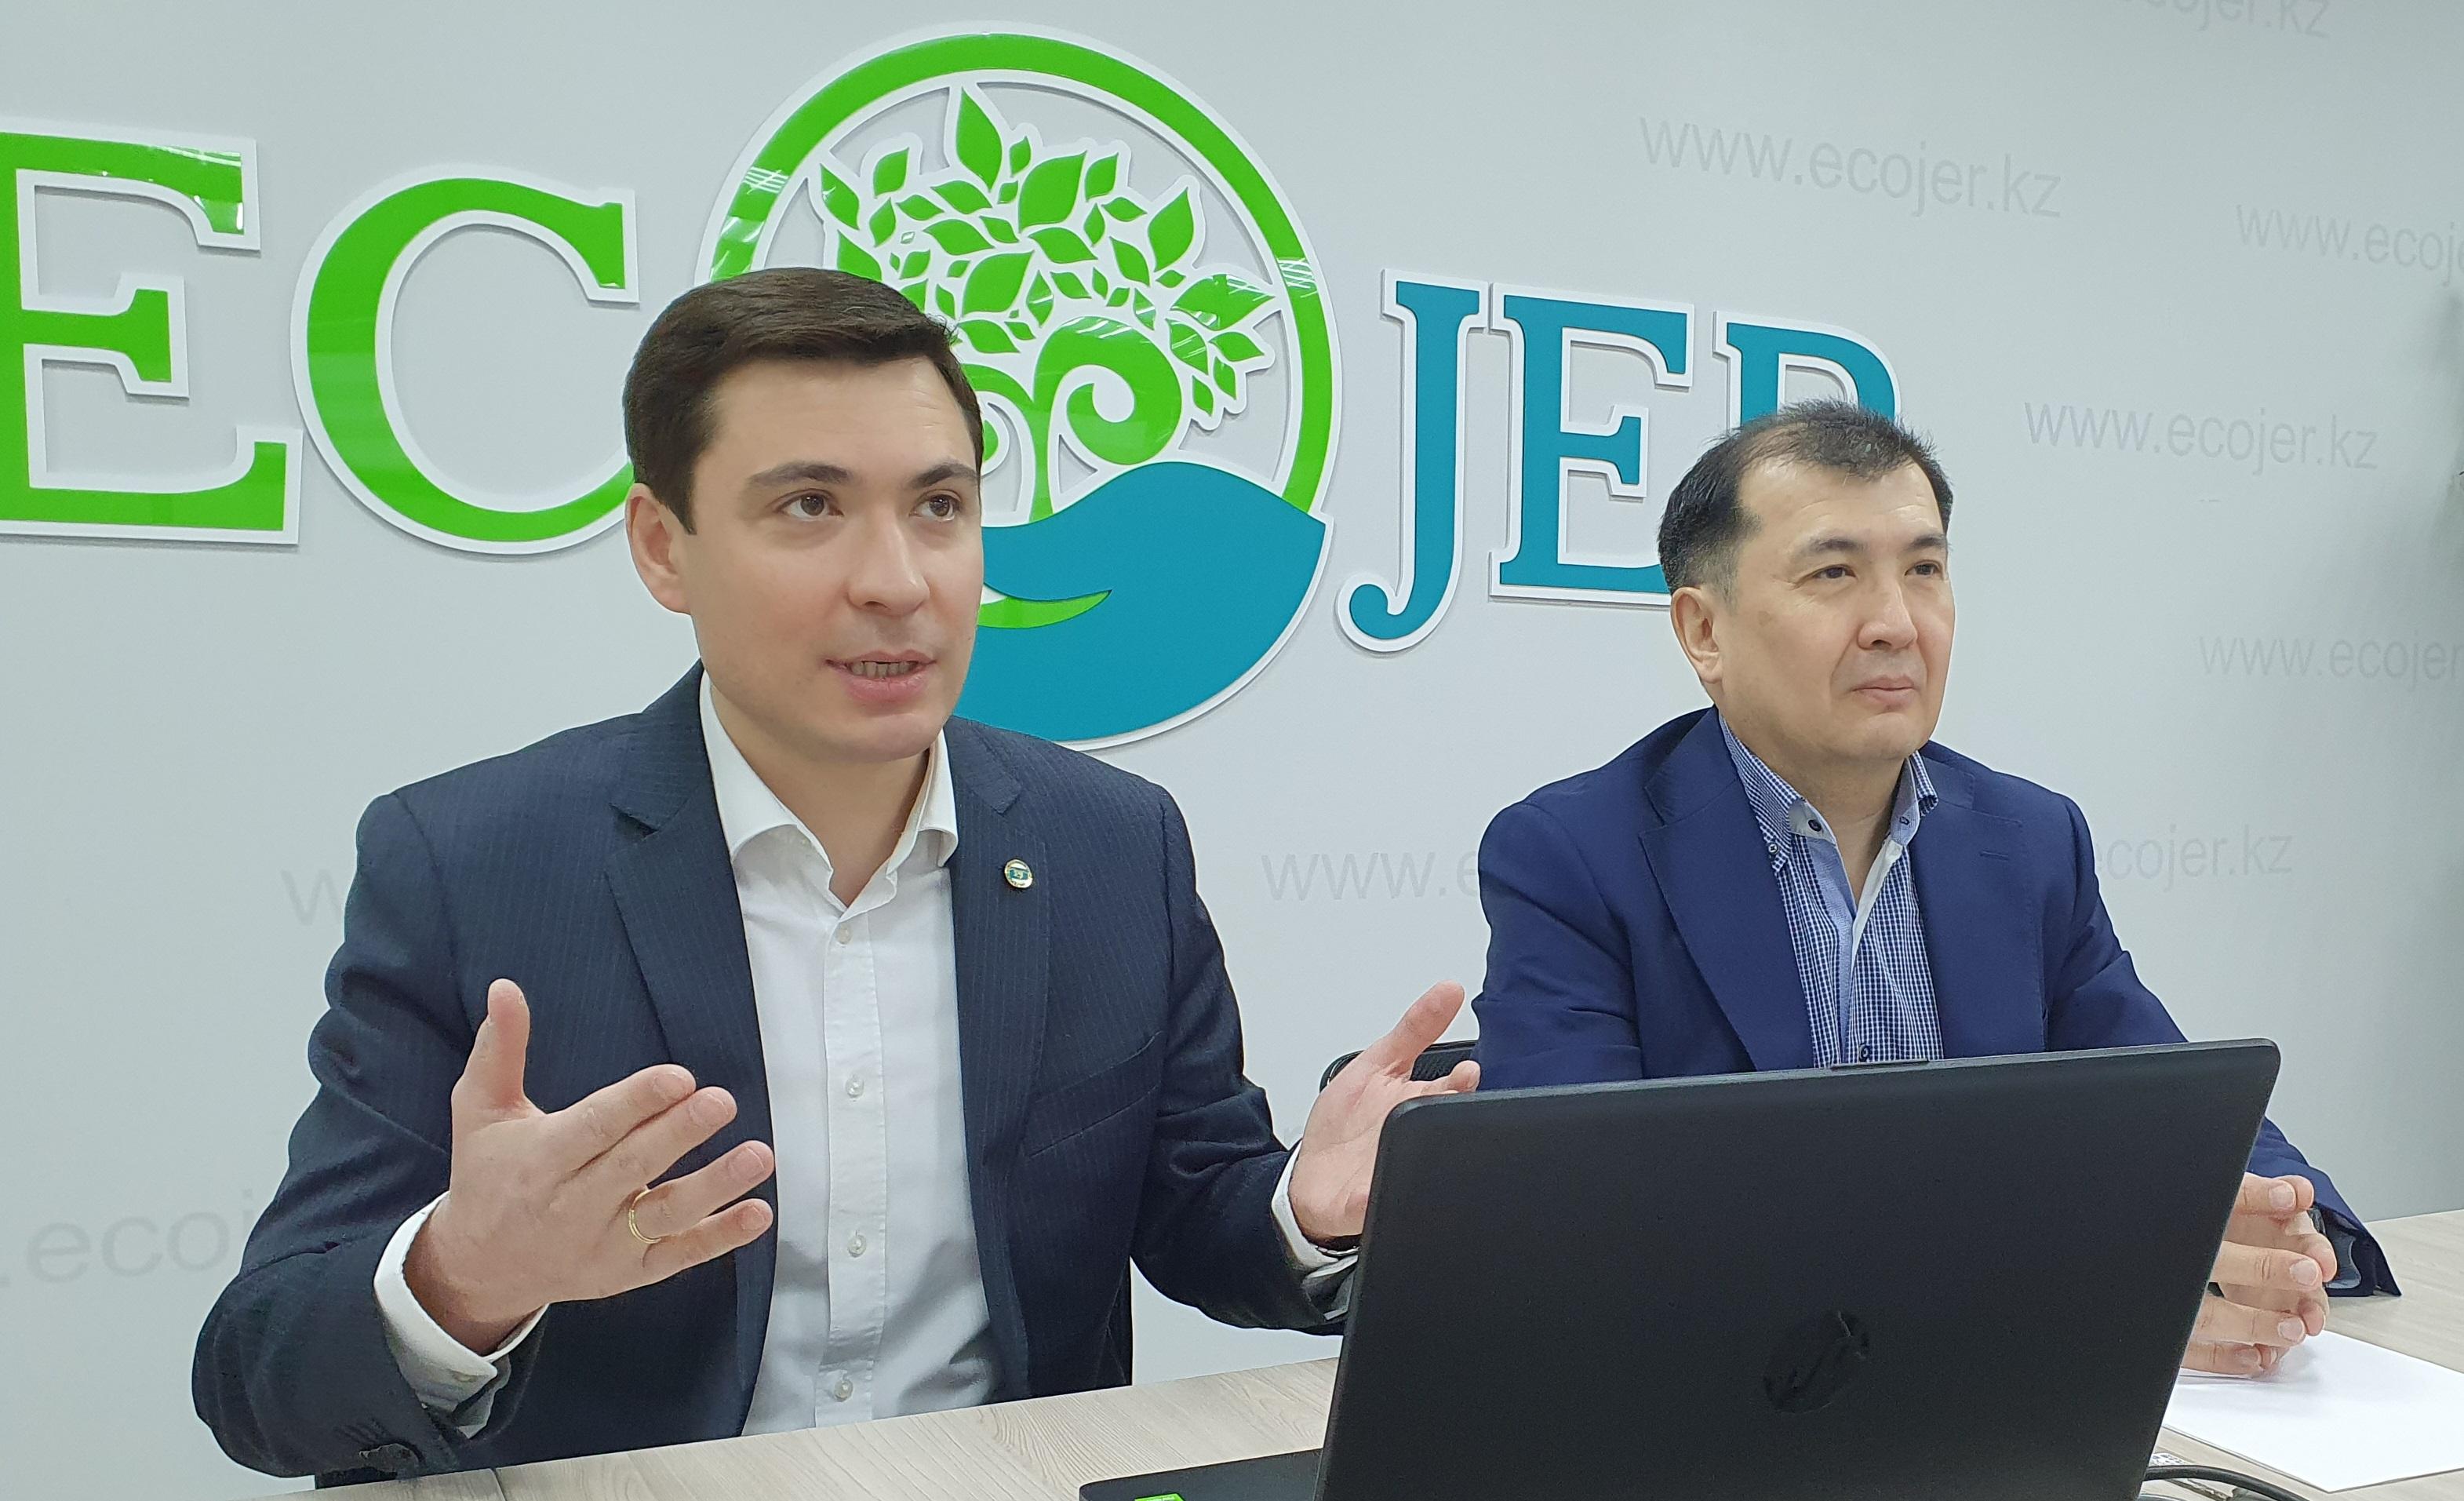 Техкомитет ВИЭ при Ассоциации «ECOJER» укрепляет экспертный состав